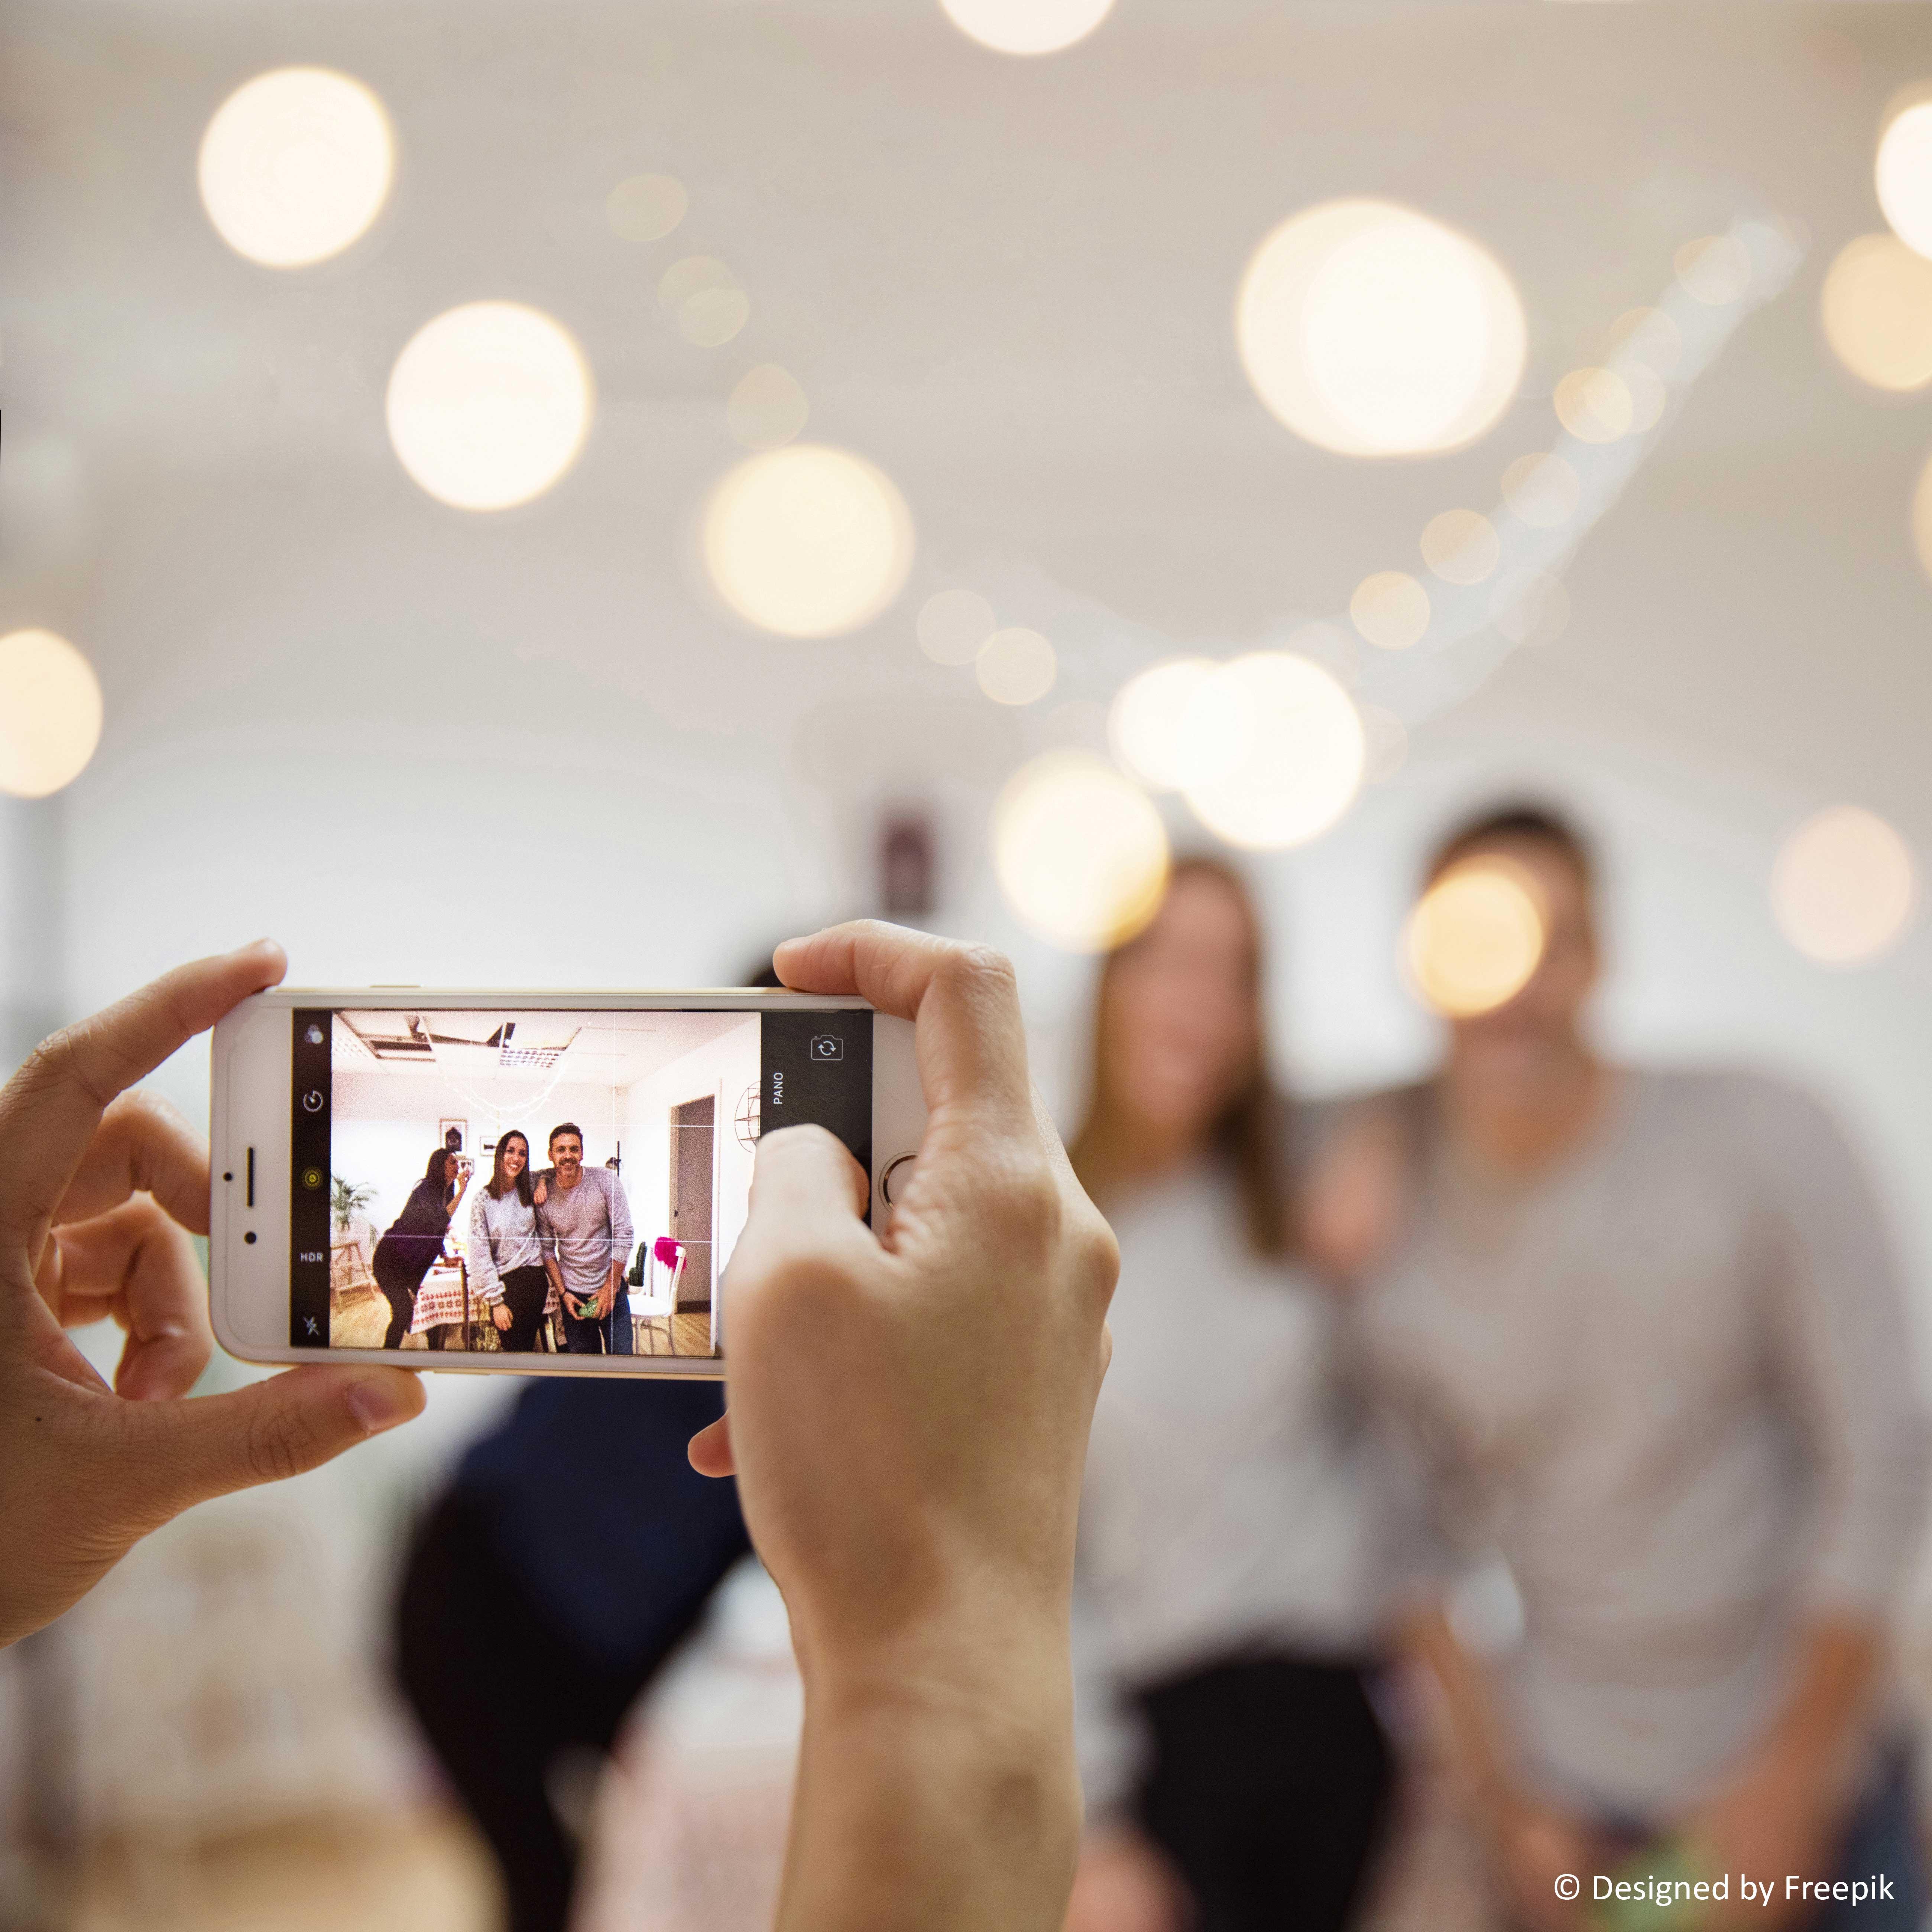 Mobil fotografieren: Das sind die besten 5 Smartphones